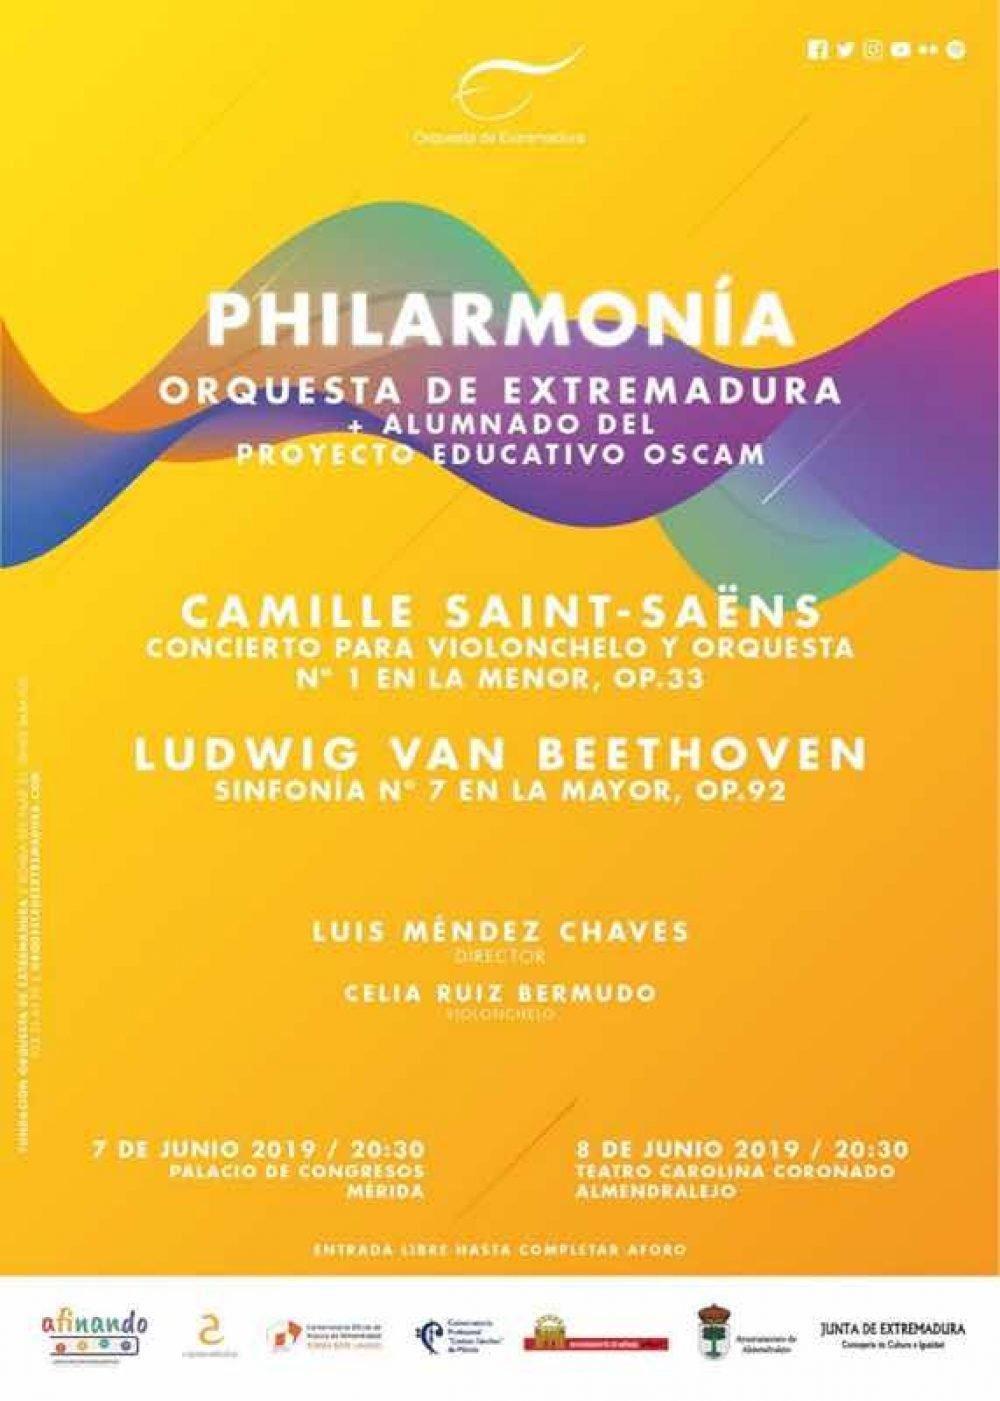 Philarmonía (Orquesta de Extremadura + alumnos OSCAM)